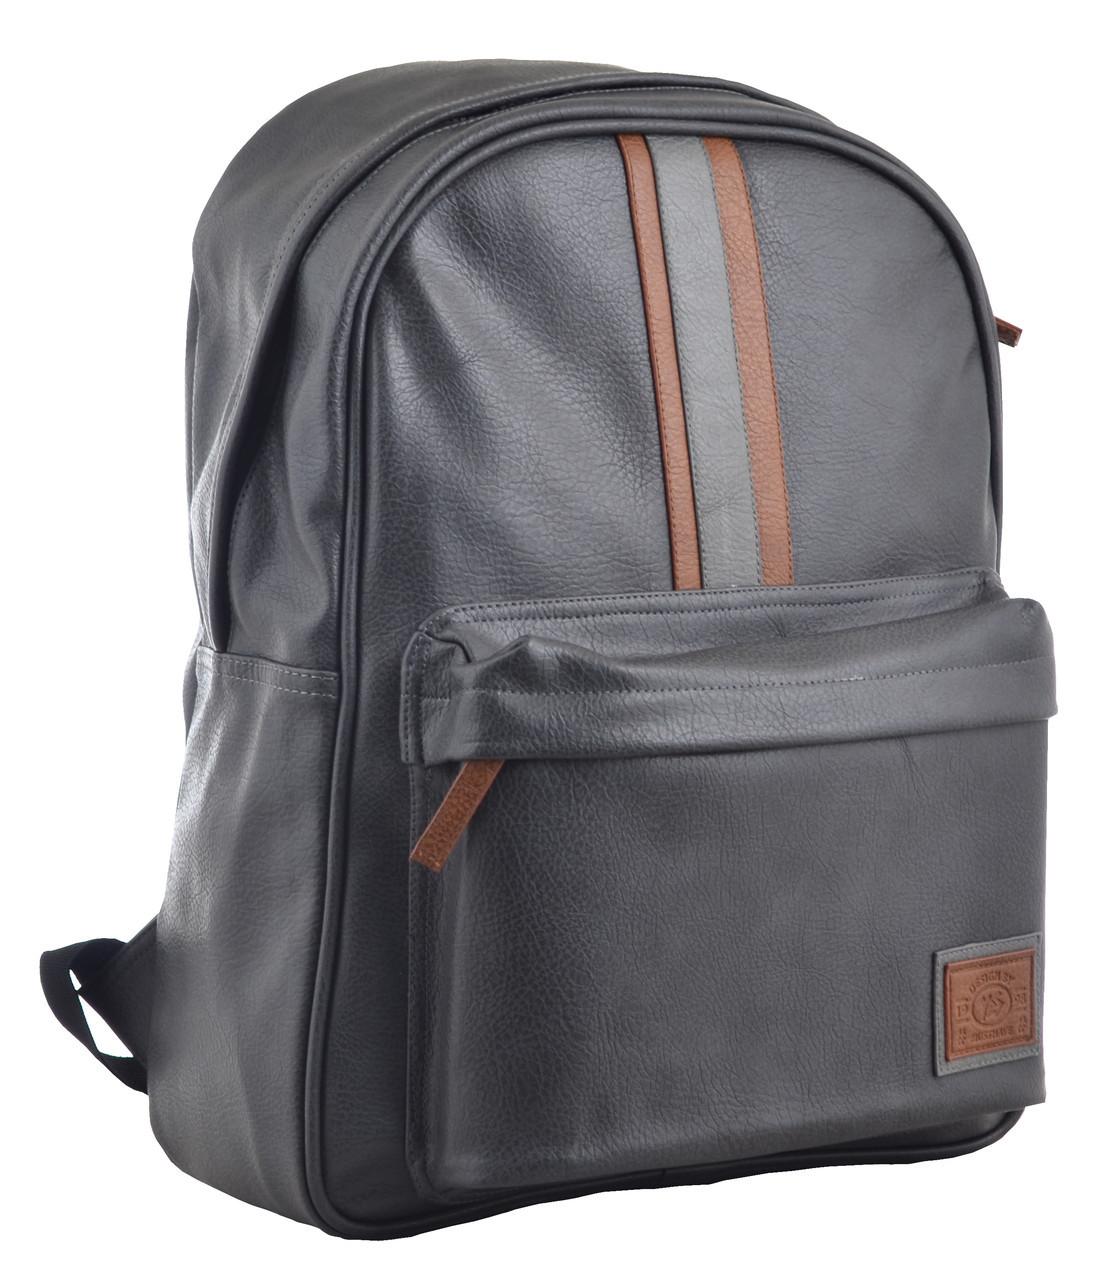 Рюкзак підлітковий ST-16 Infinity mist grey, 42*31*13